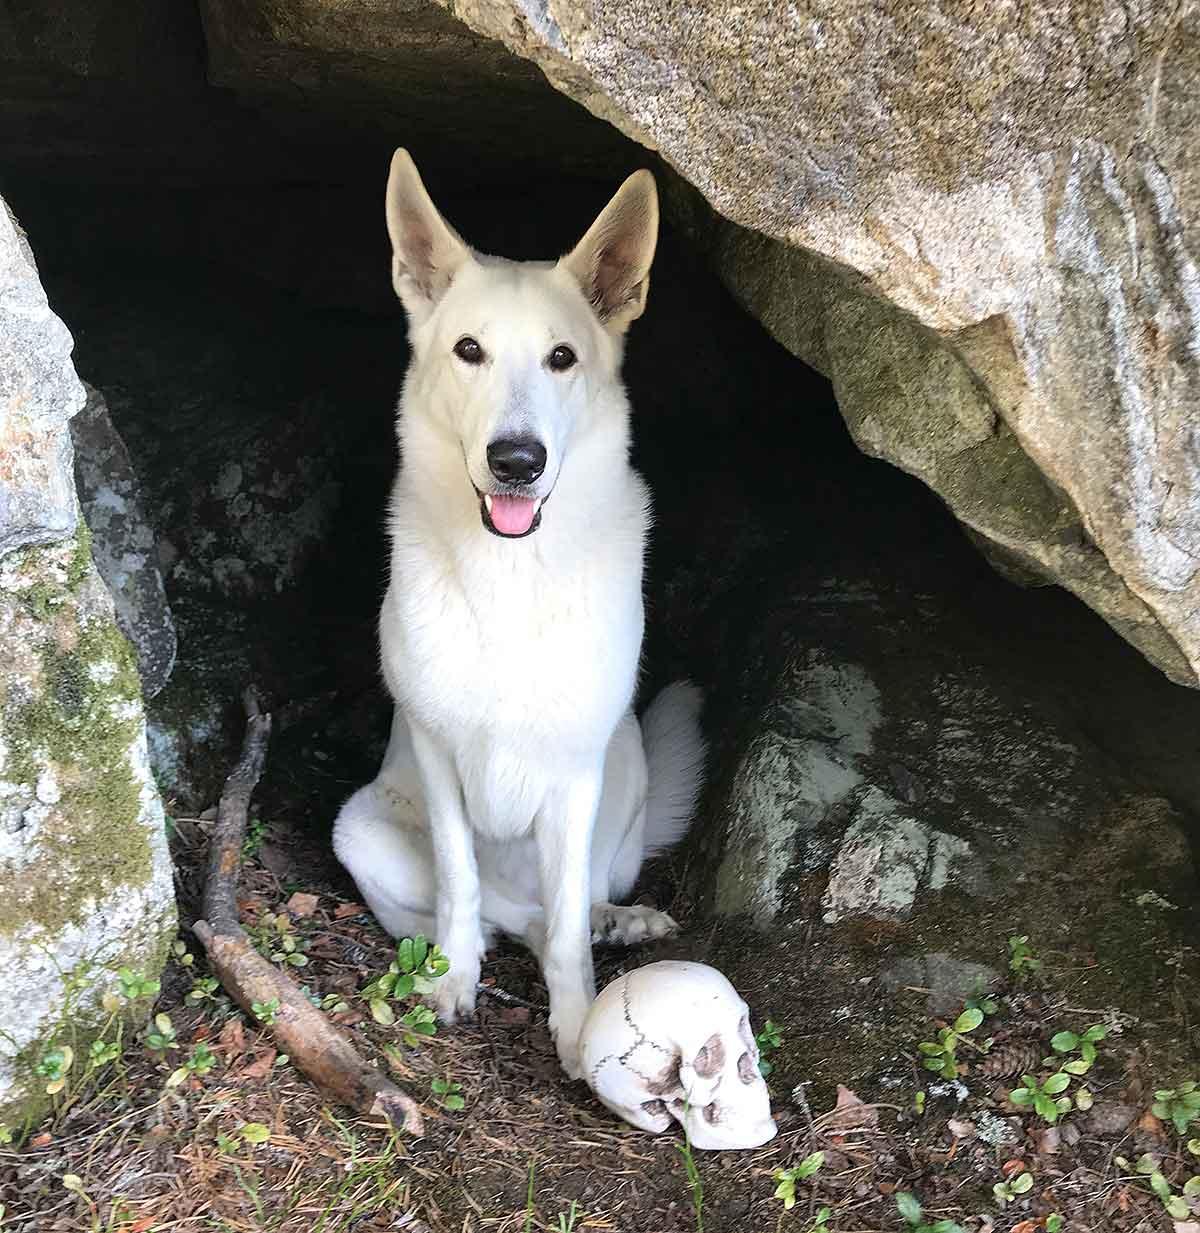 Nova, Vit herdehund, i grottan på Rutberget på geocaching med matte.